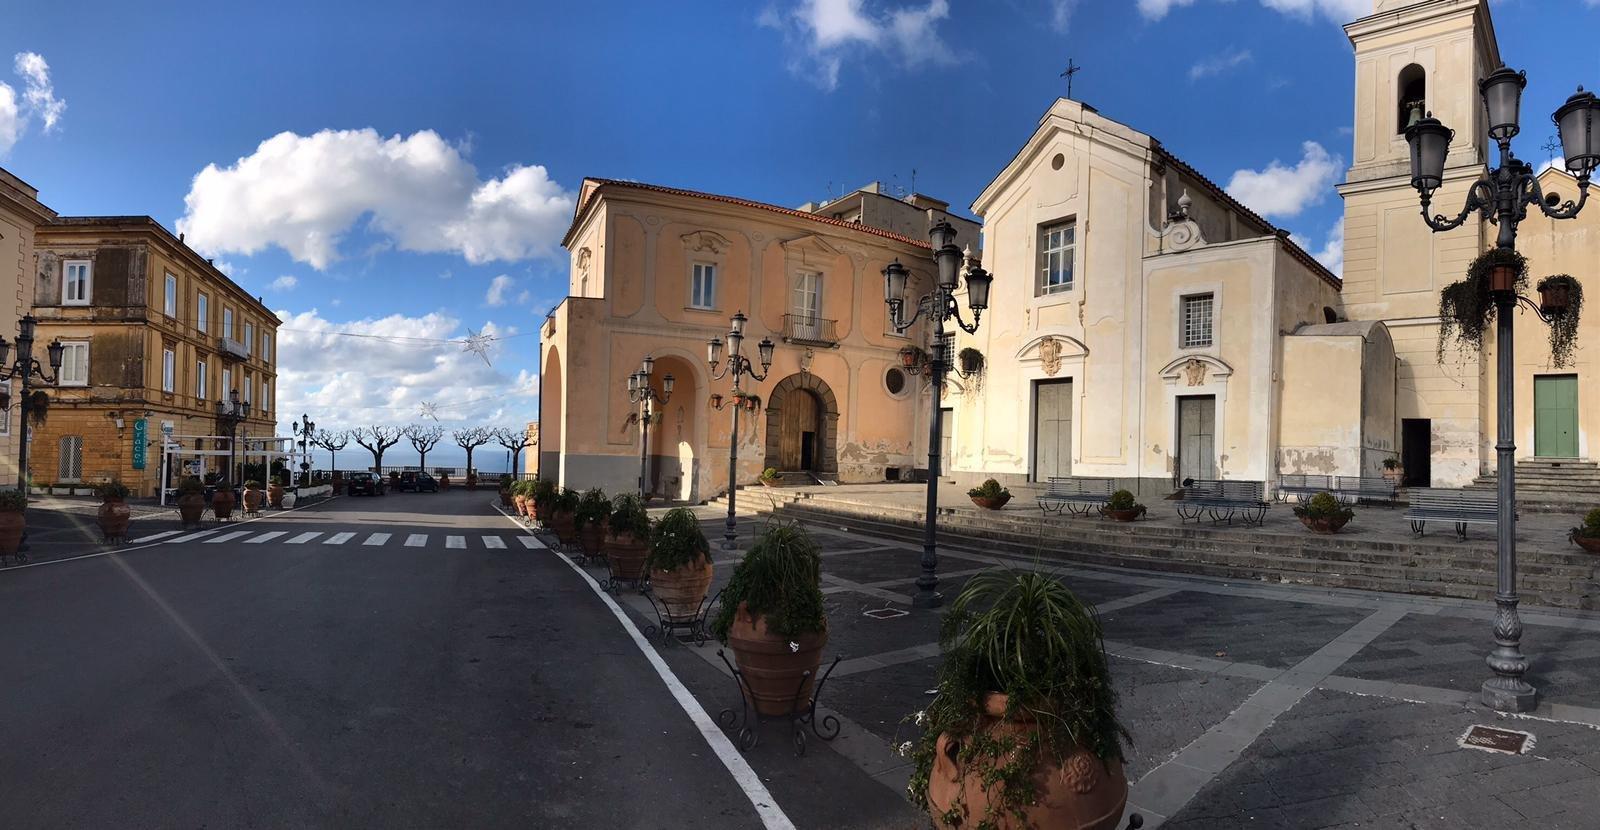 Antica Cattedrale Santa Maria delle Grazie